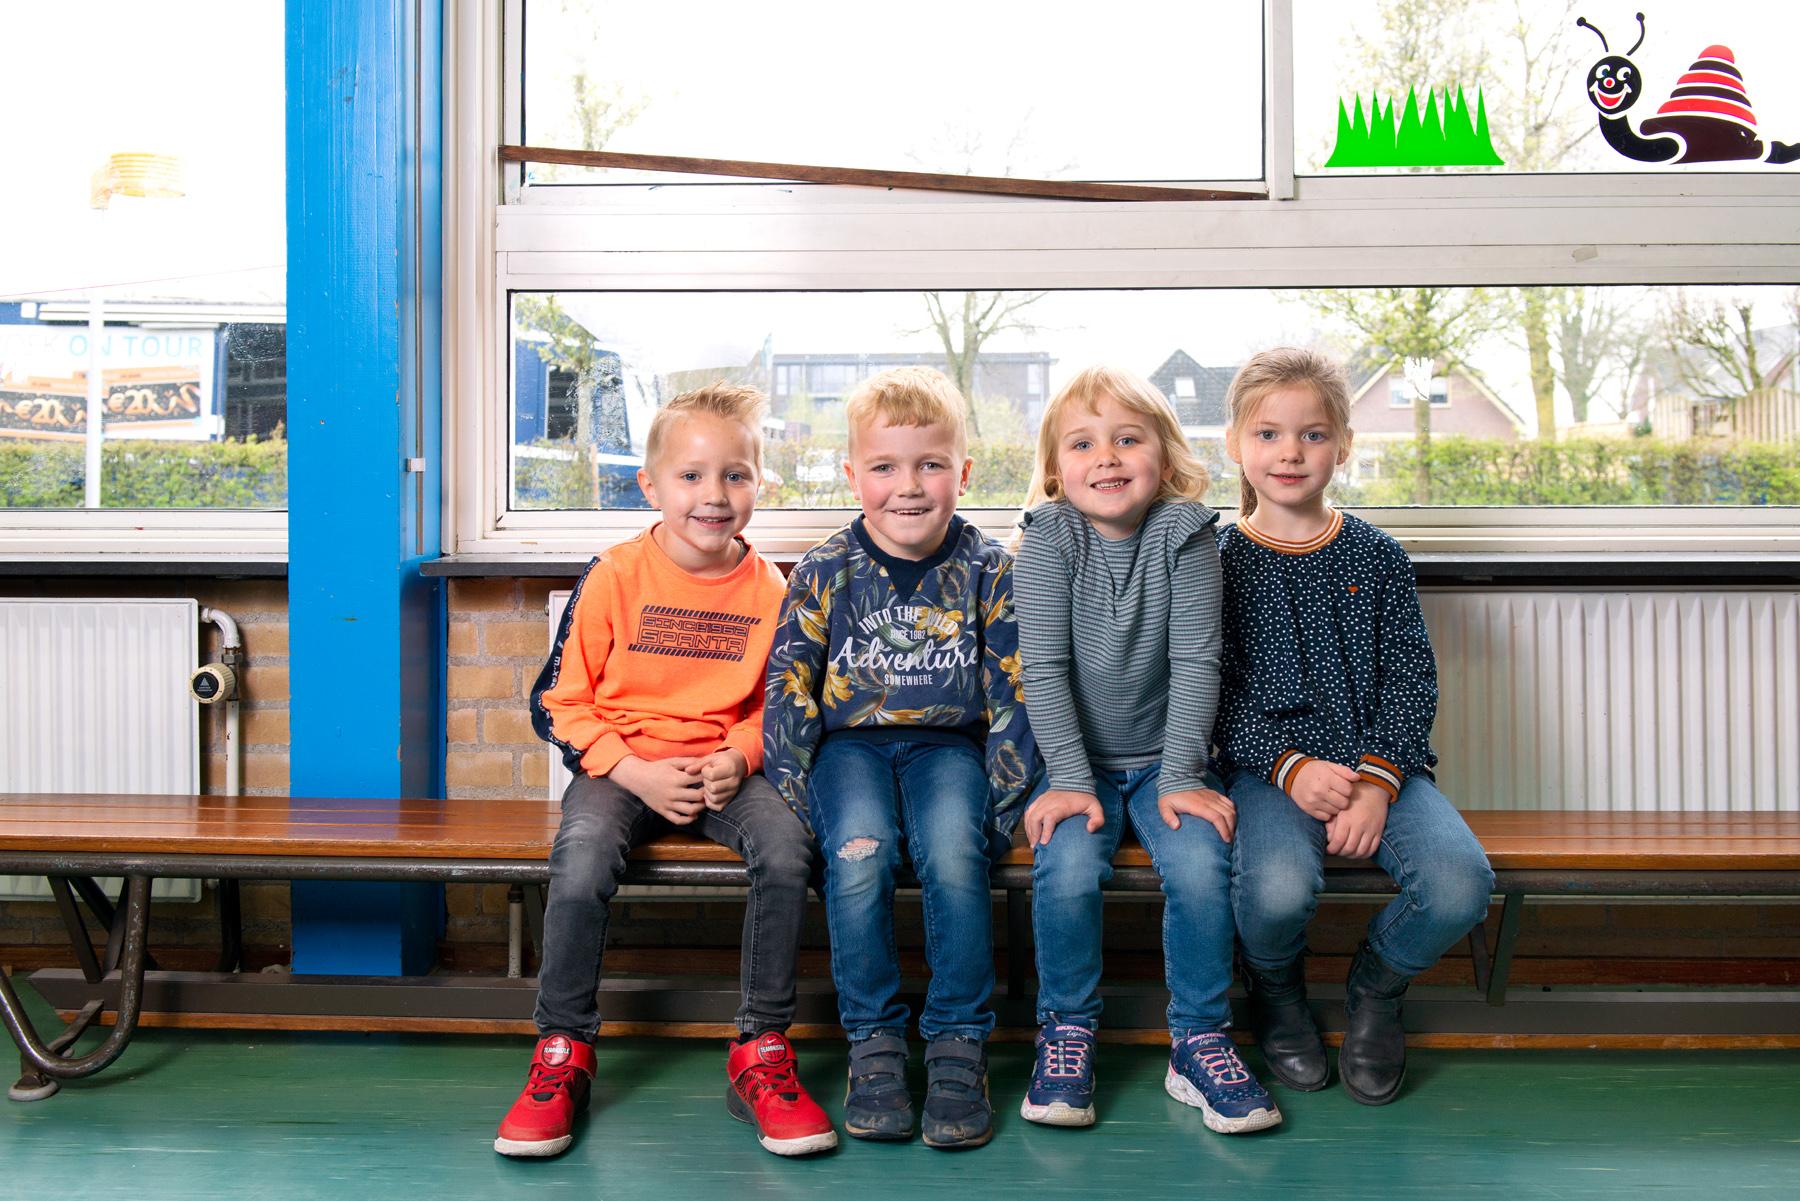 Kindcentrum Het Anker Zwartebroek 04 LR